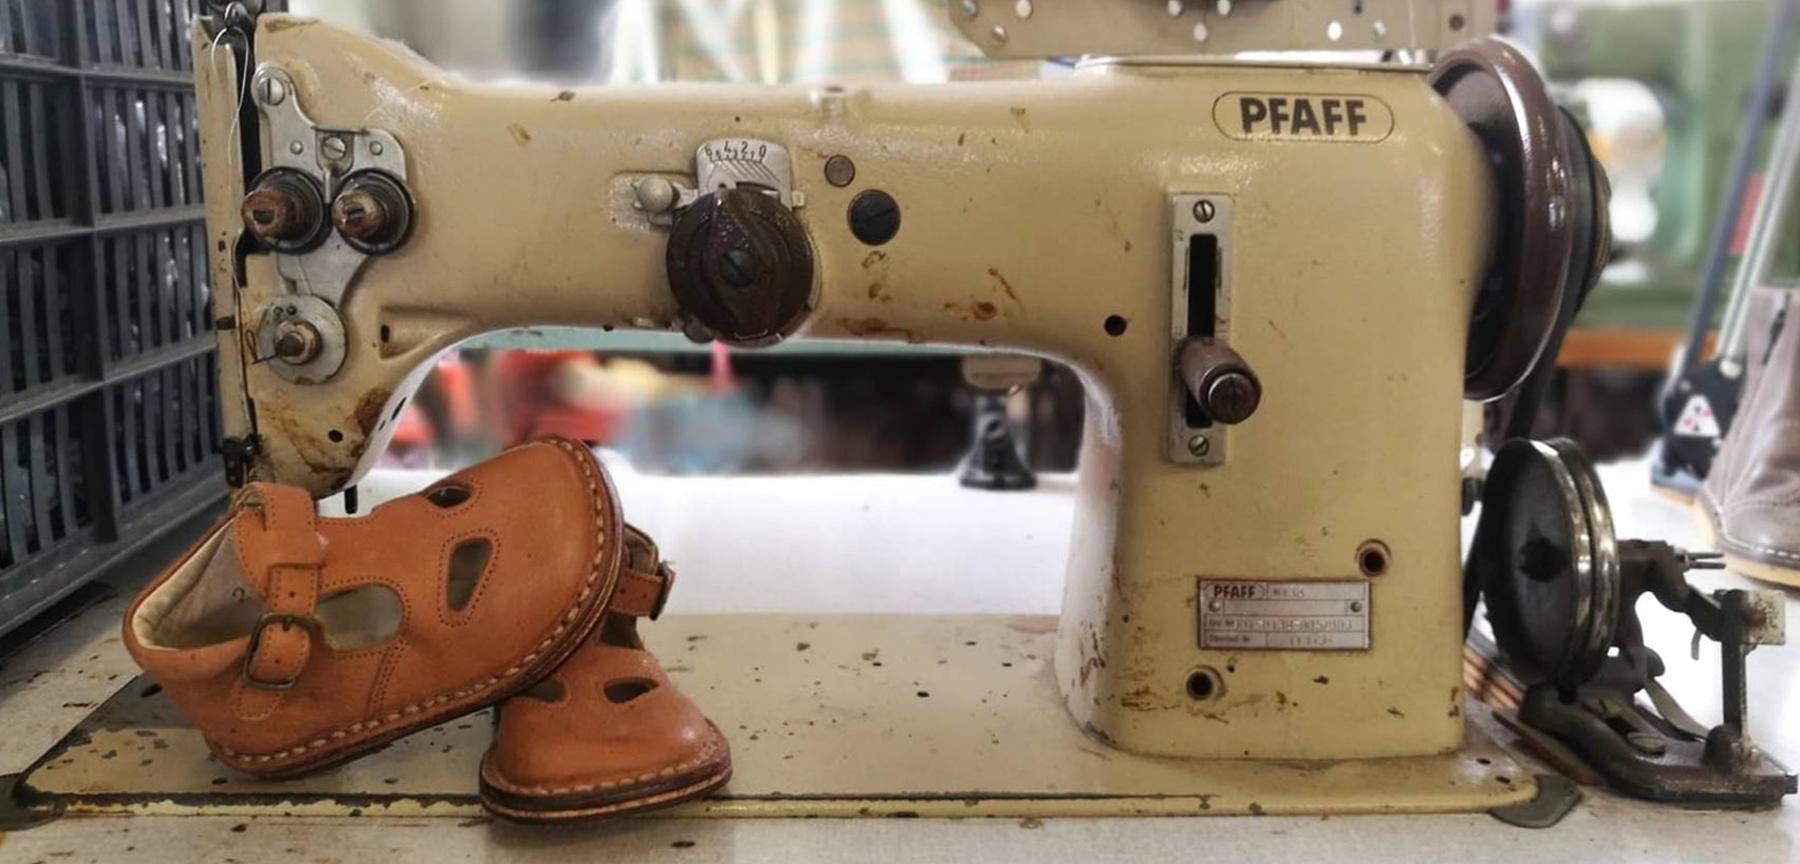 sale retailer a99c4 b6457 Pèpè Children Shoes I Nuova collezione I Smallable